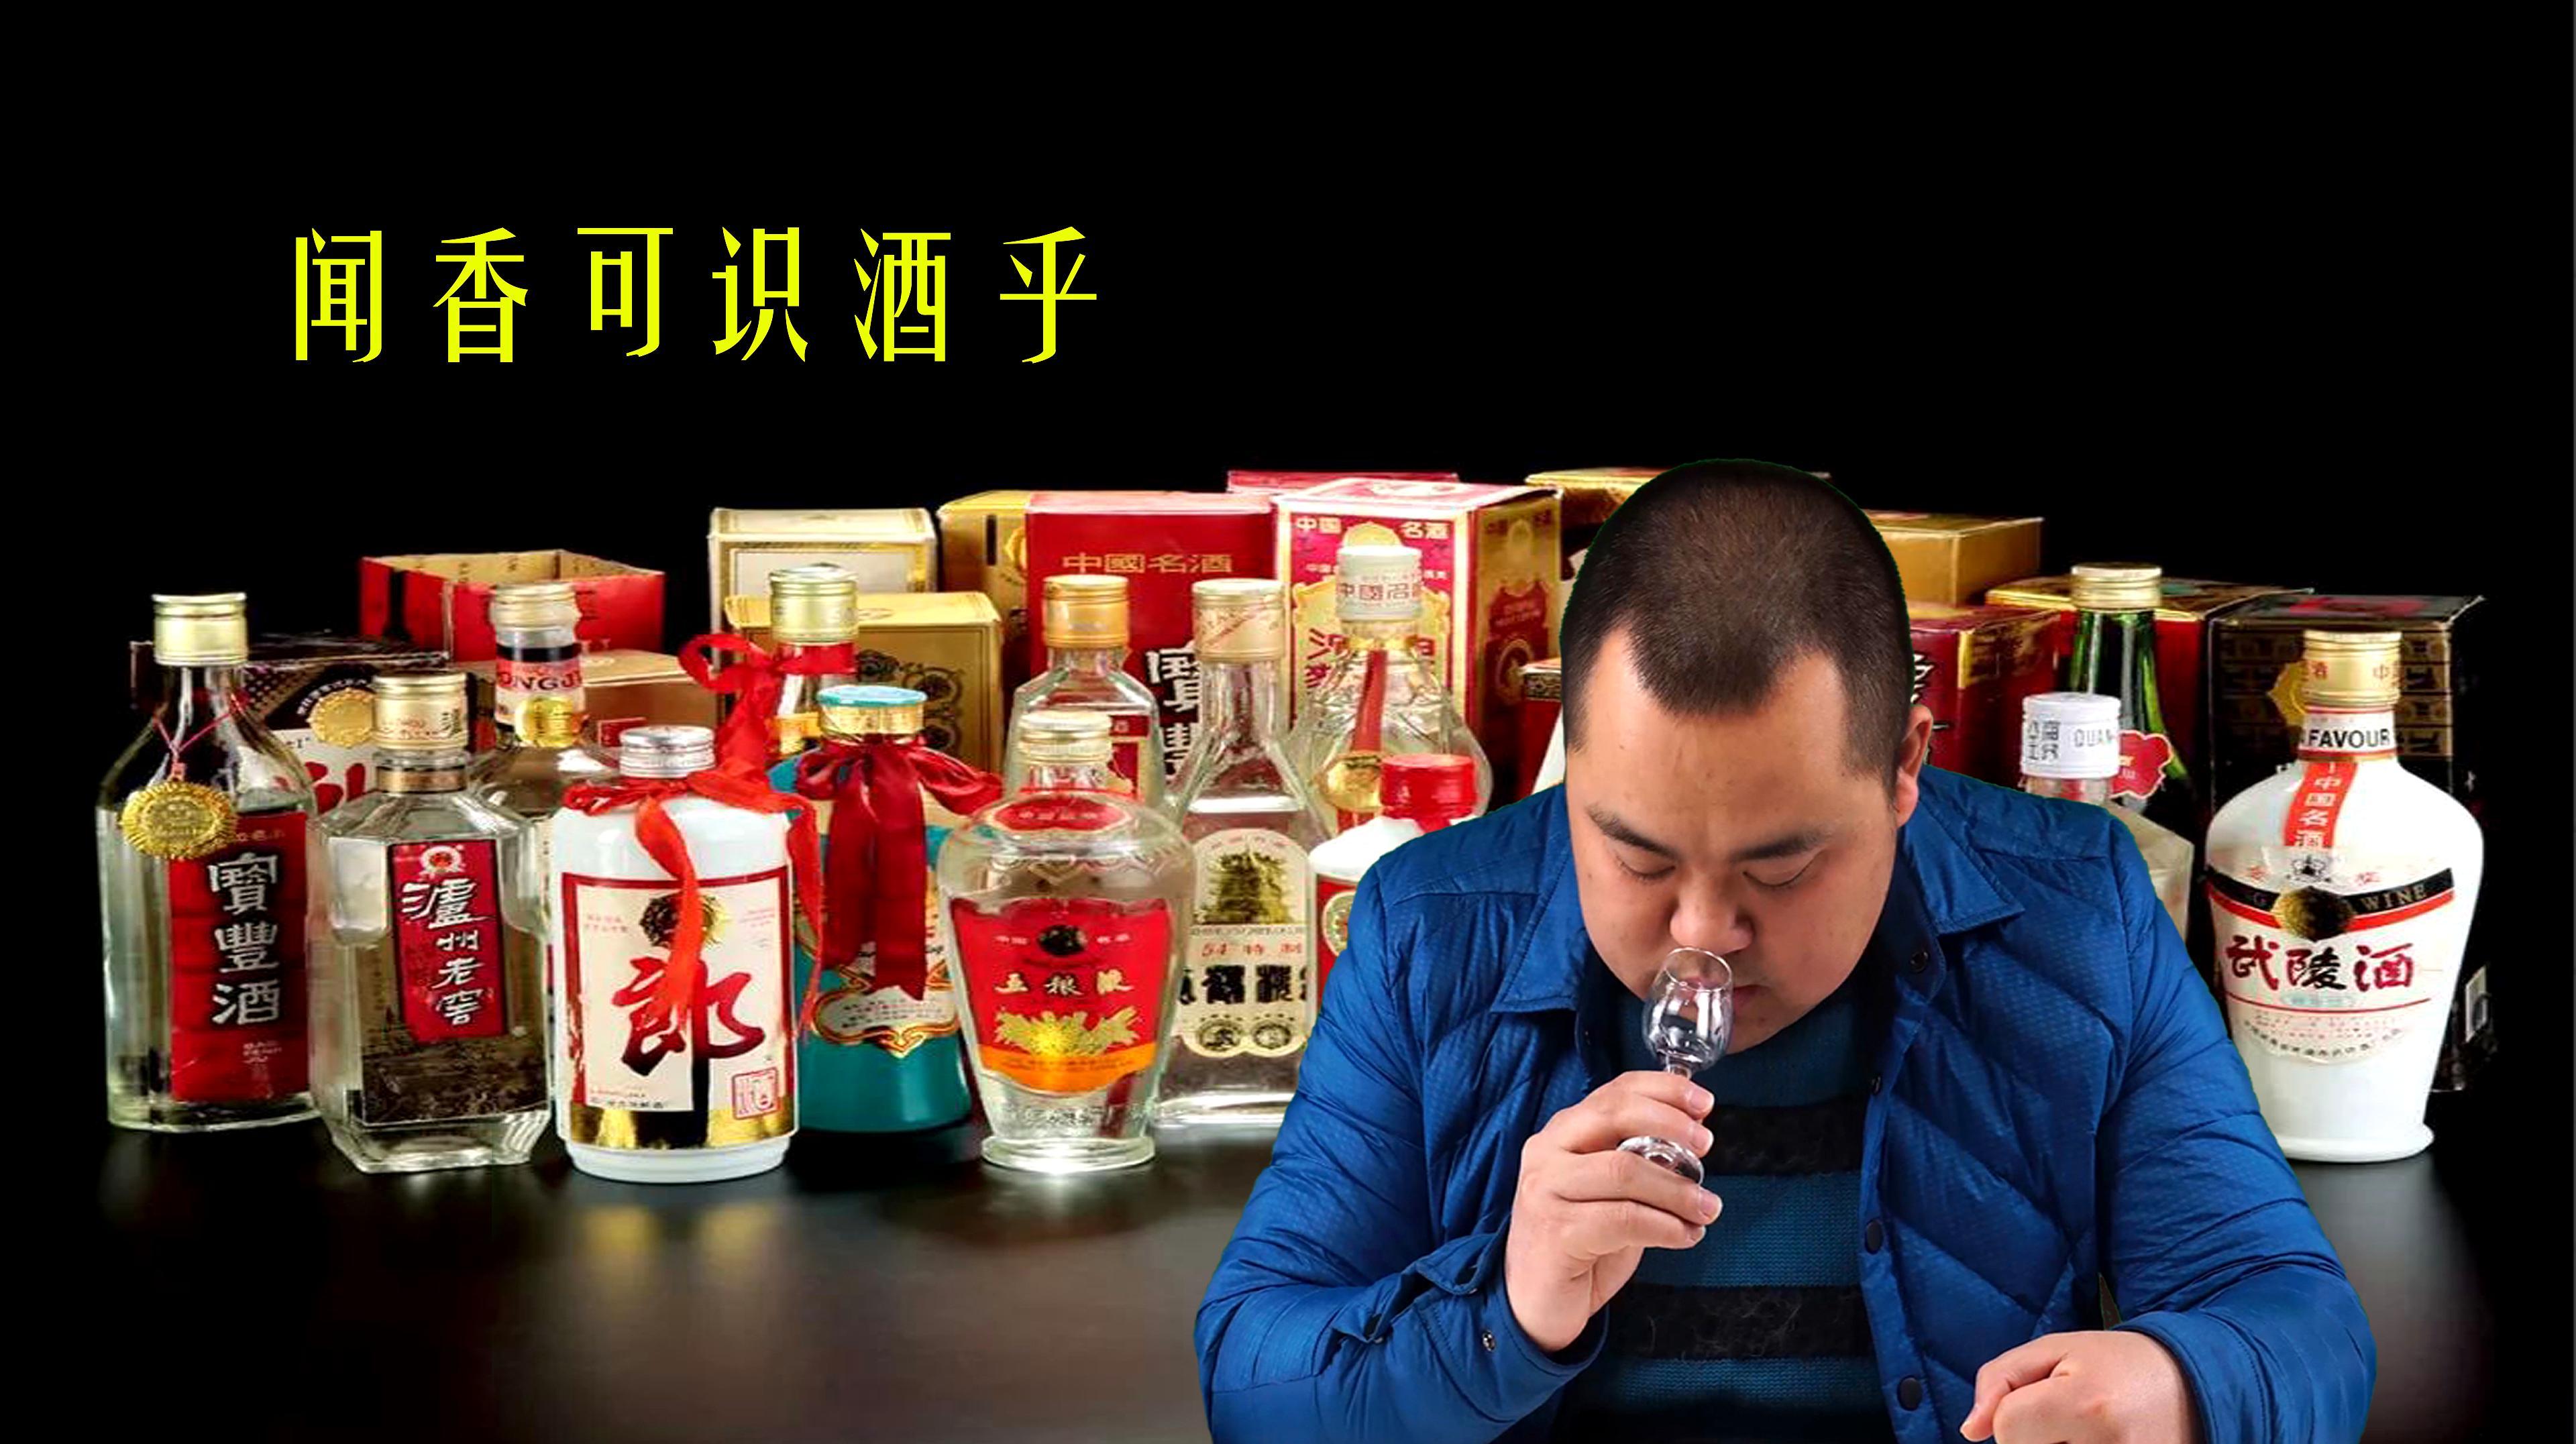 闻香识酒,品酒大师都是这样识别酒,太简单了,以后不怕假酒啦